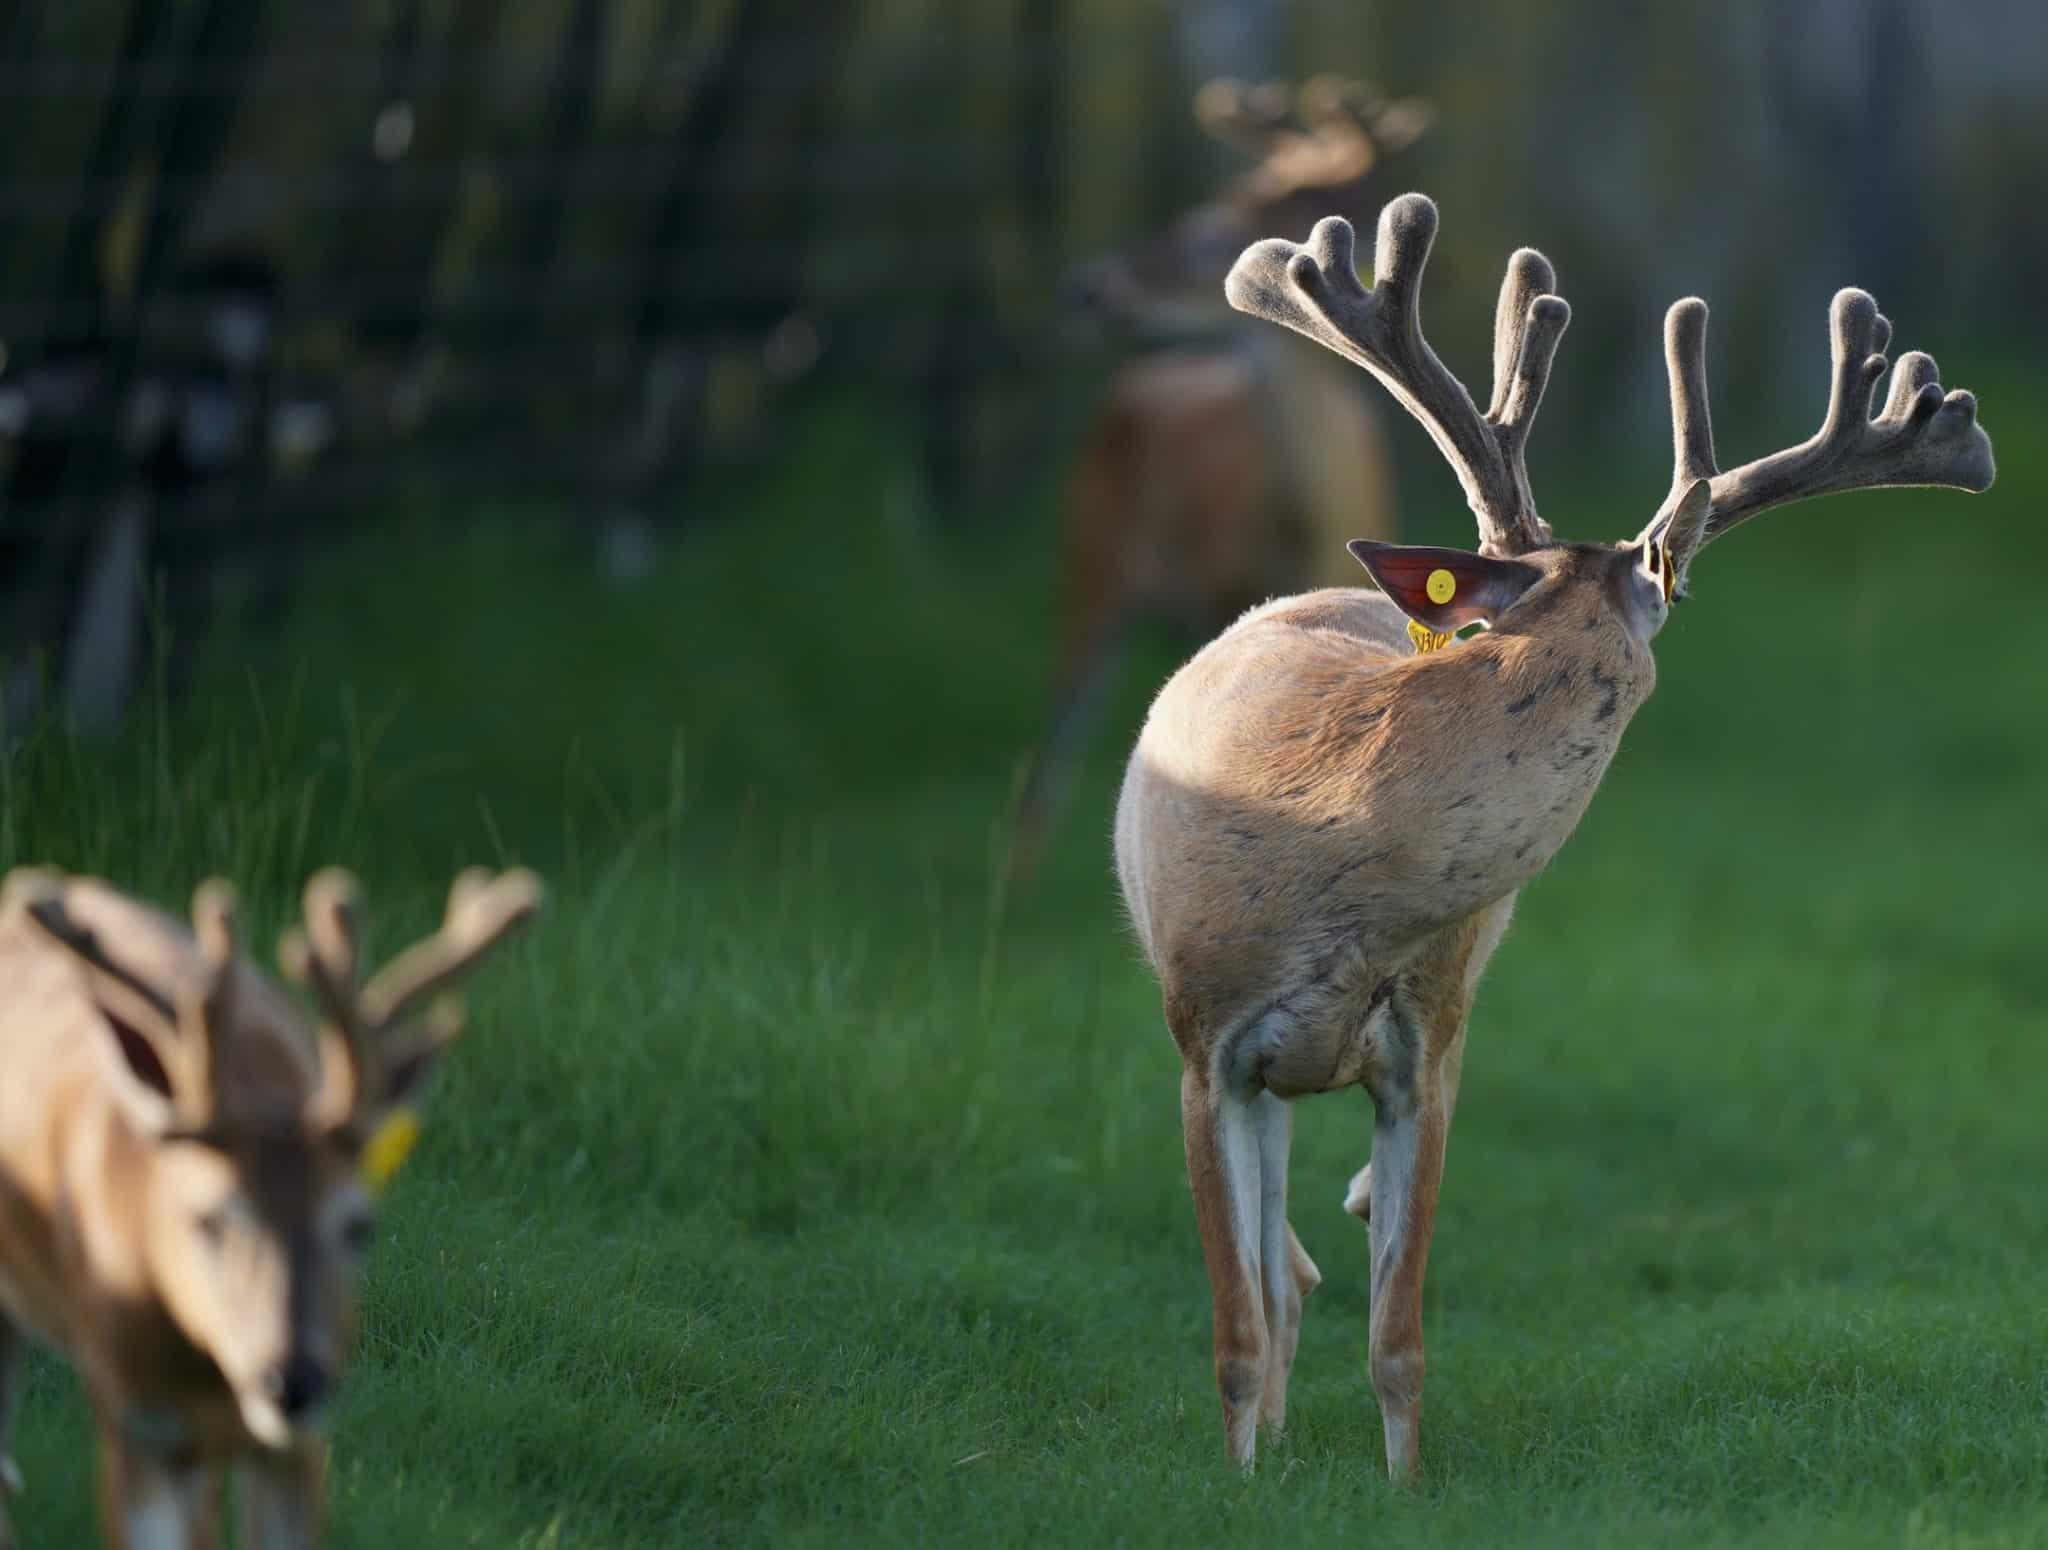 A pair of deer for sale on our Texas deer breeders farm.